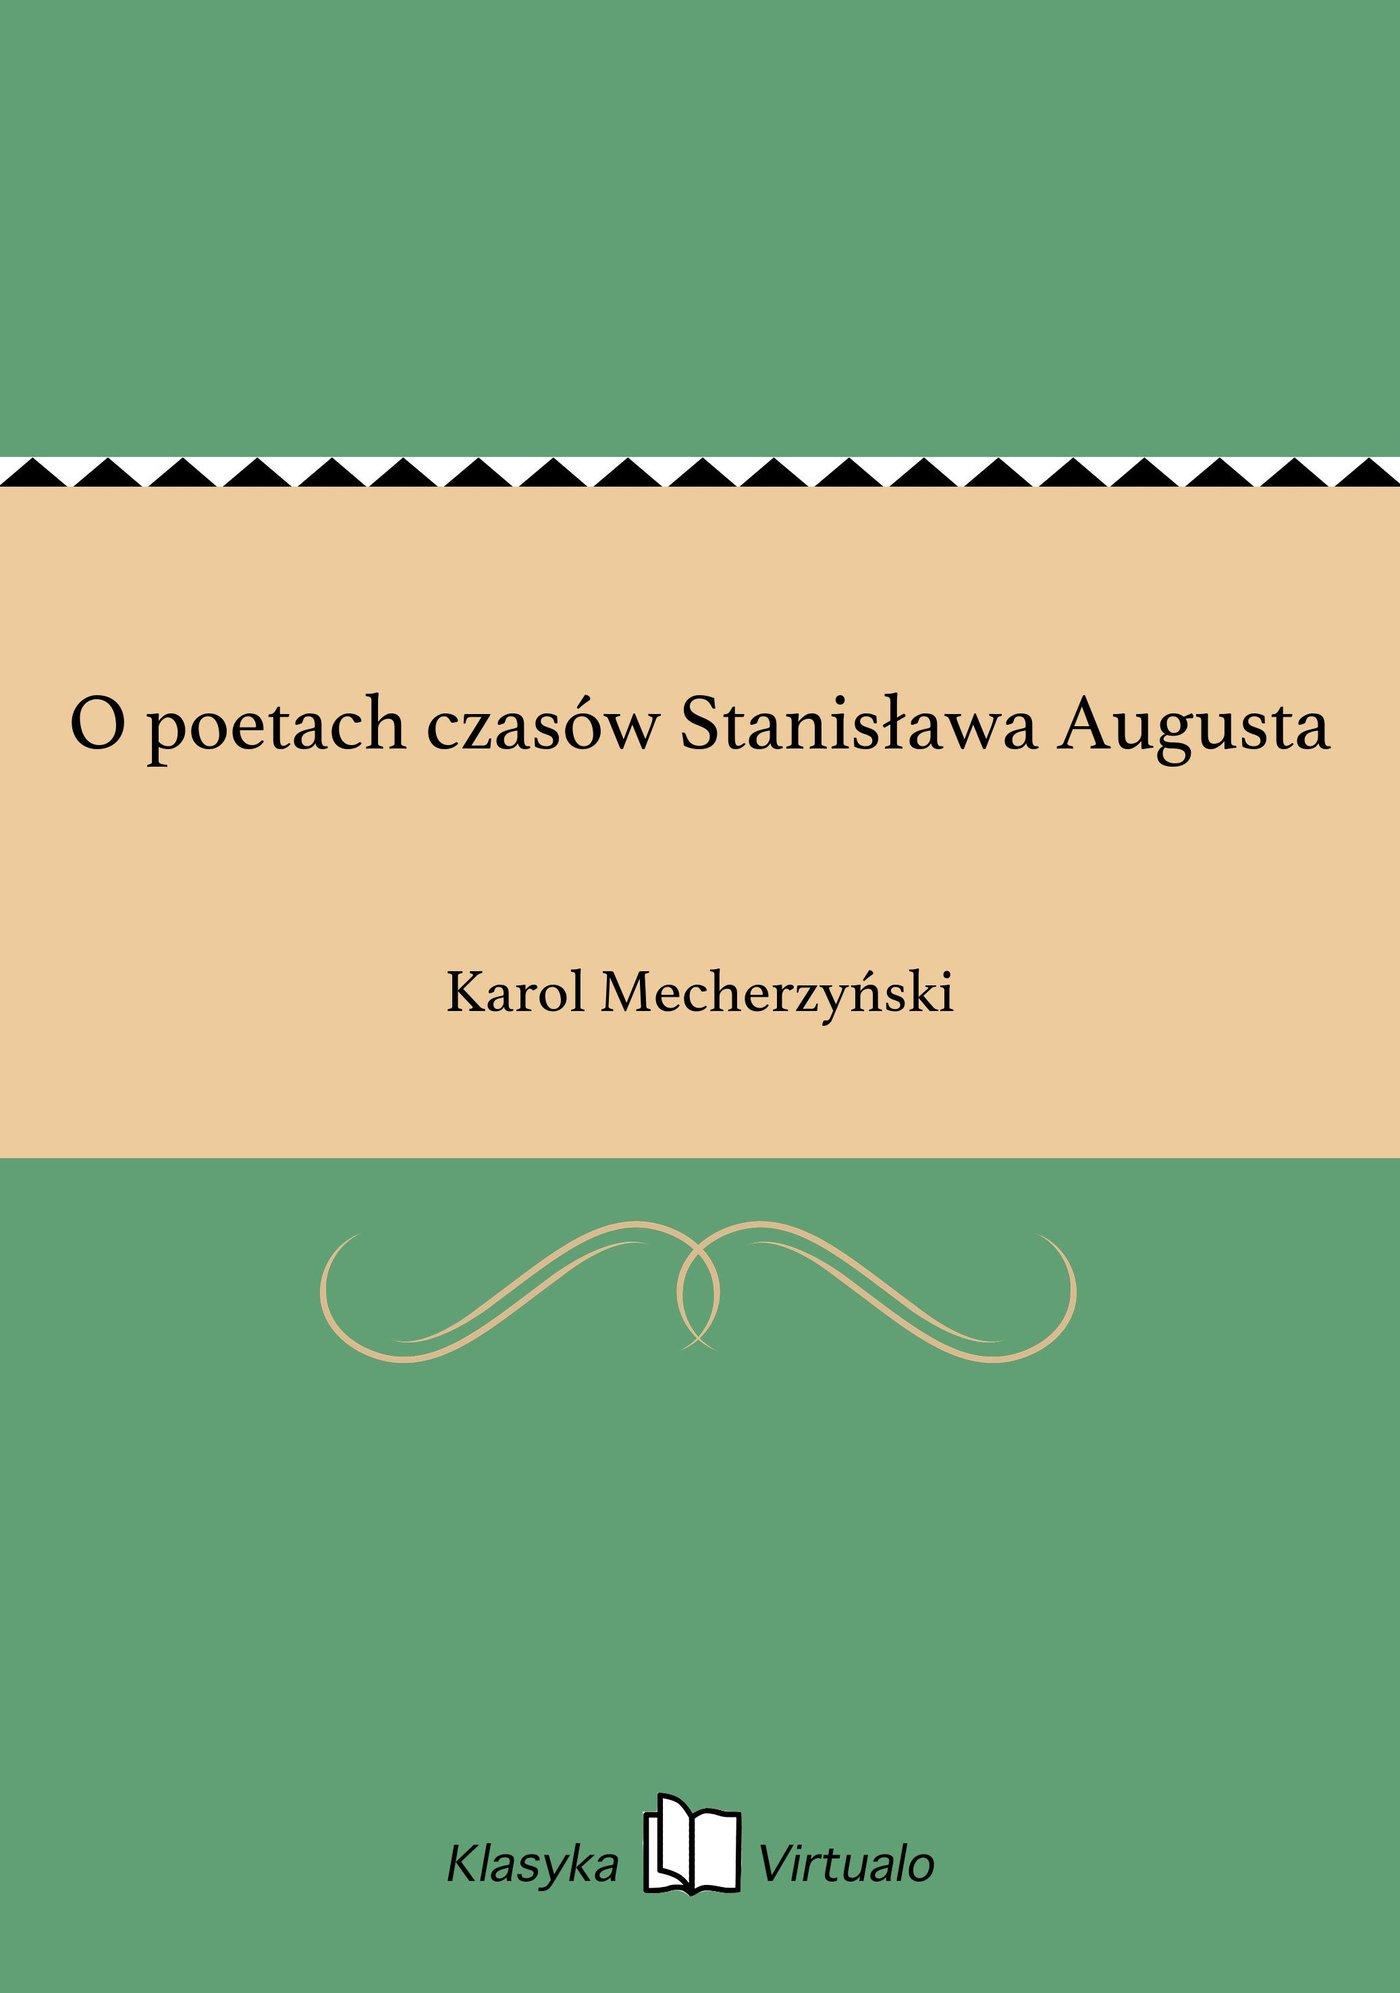 O poetach czasów Stanisława Augusta - Ebook (Książka EPUB) do pobrania w formacie EPUB